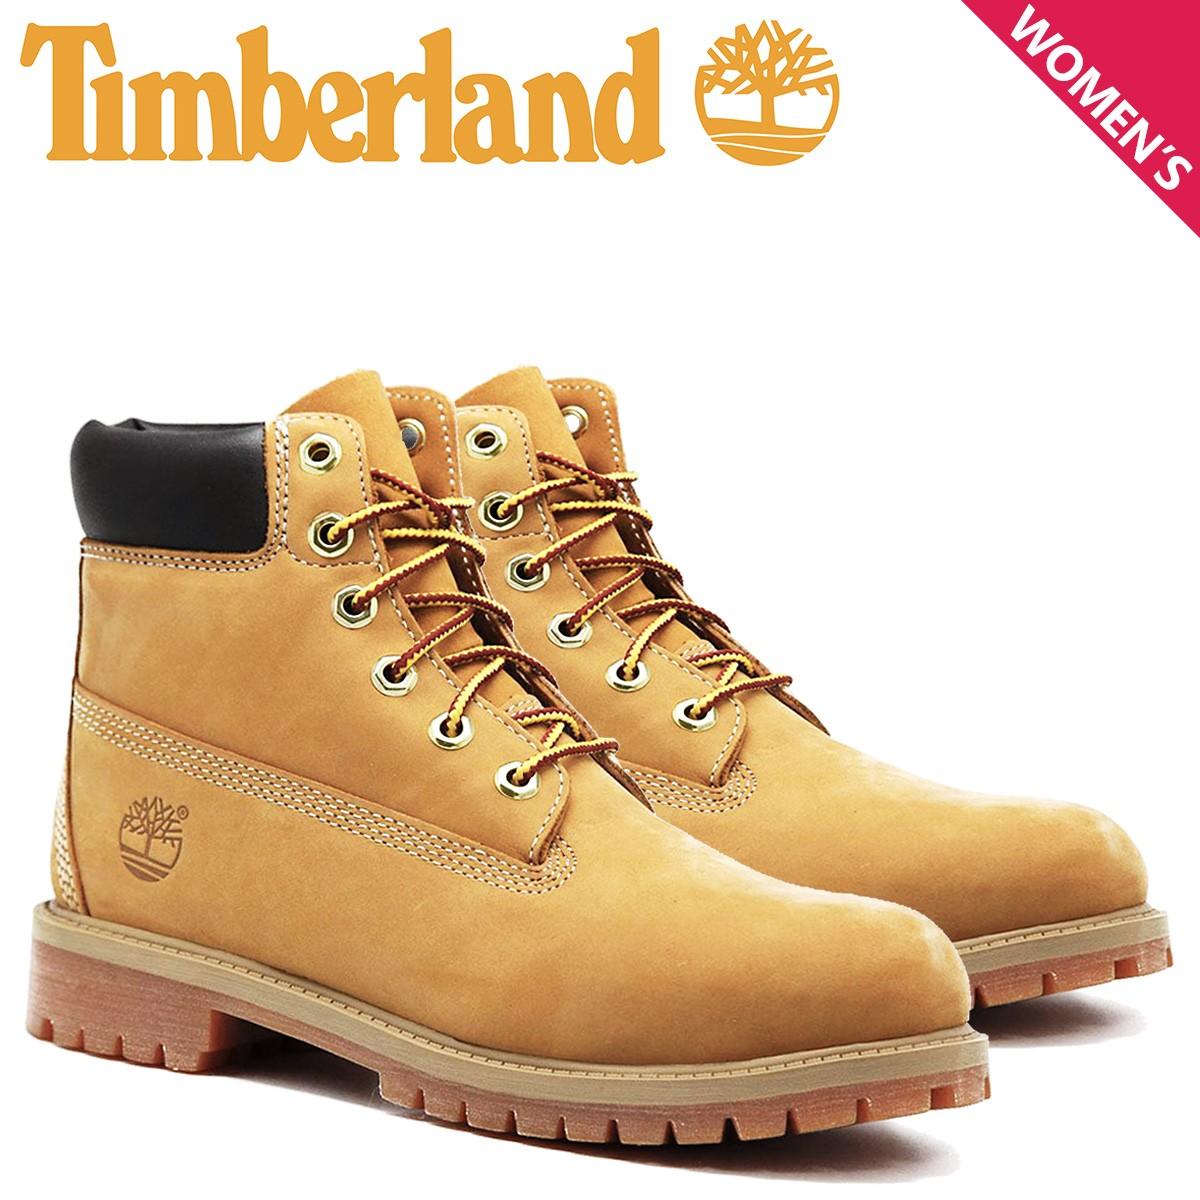 ティンバーランド レディース ブーツ 6インチ Timberland JUNIOR 6INCH PREMIUM WATERPROOF BOOTS 12909 プレミアム ウォータープルーフ [12/25 追加入荷]